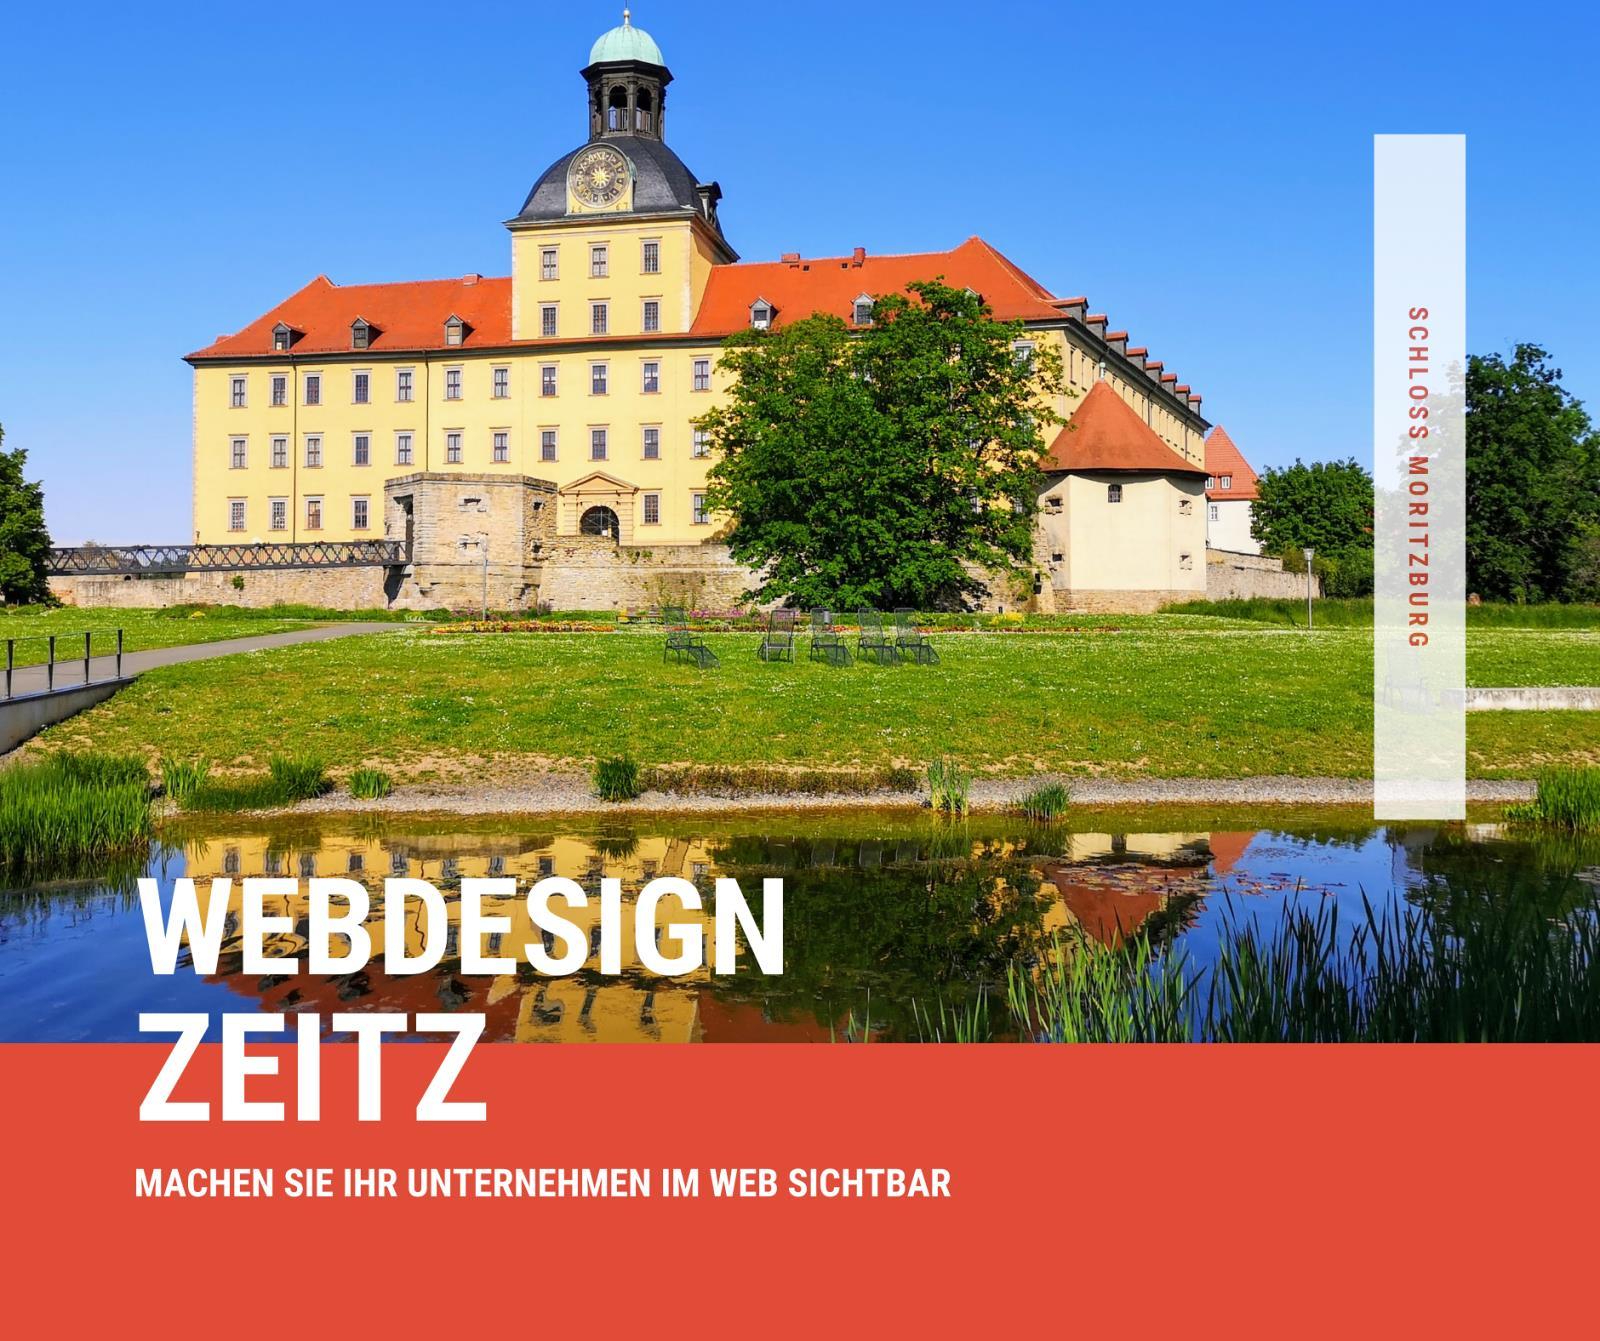 Webdesign Zeitz